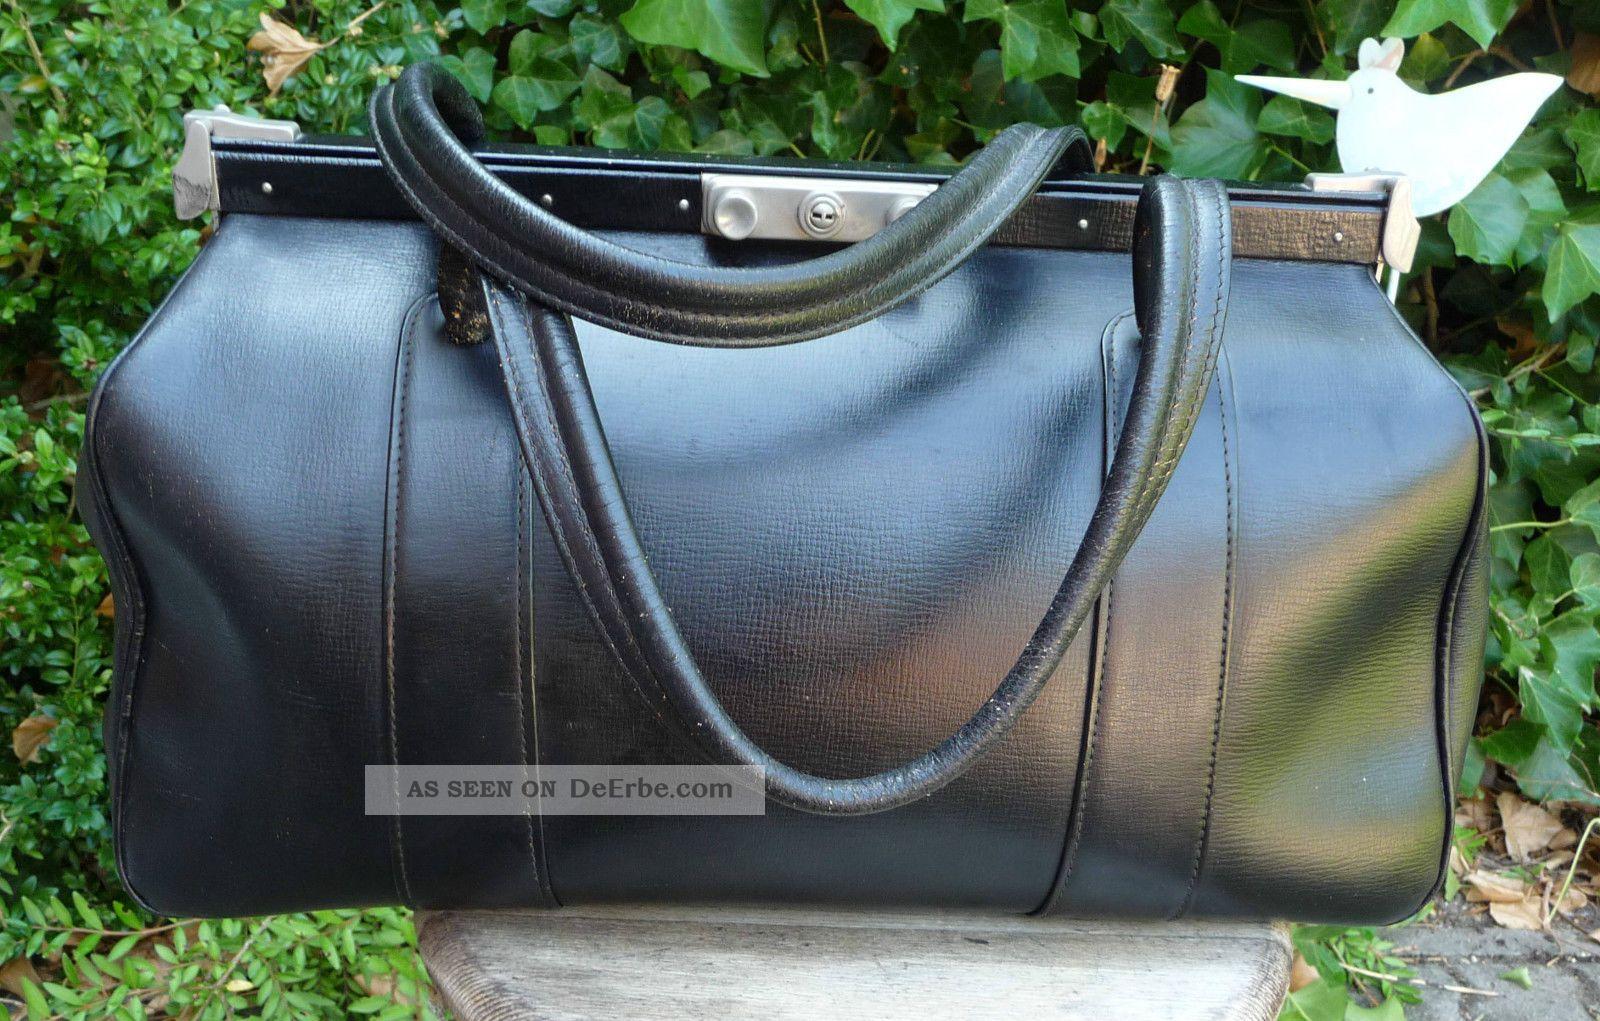 hebammenkoffer arzttasche henkeltasche alt leder schwarz gebrauchsf hig. Black Bedroom Furniture Sets. Home Design Ideas